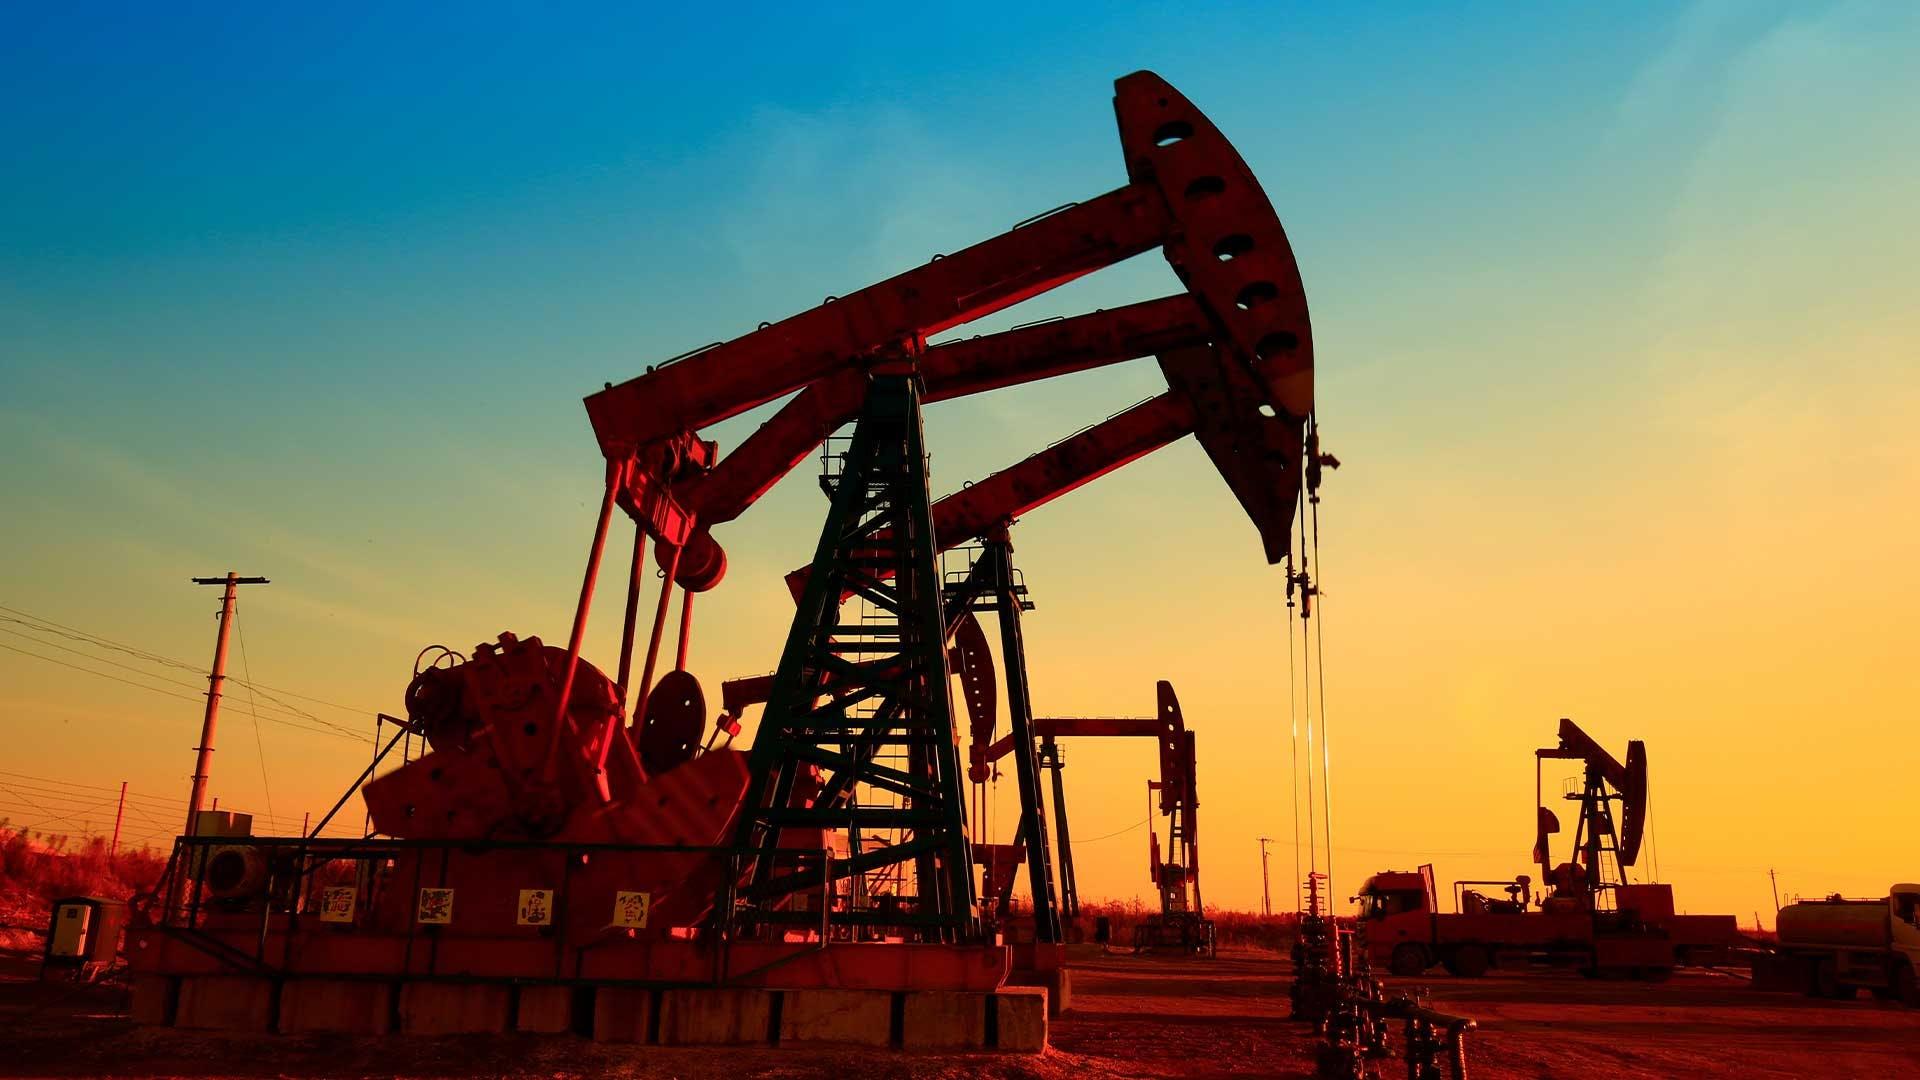 Giá xăng dầu hôm nay 17/5: Giá dầu giảm trong phiên giao đầu tuần mới - Ảnh 1.